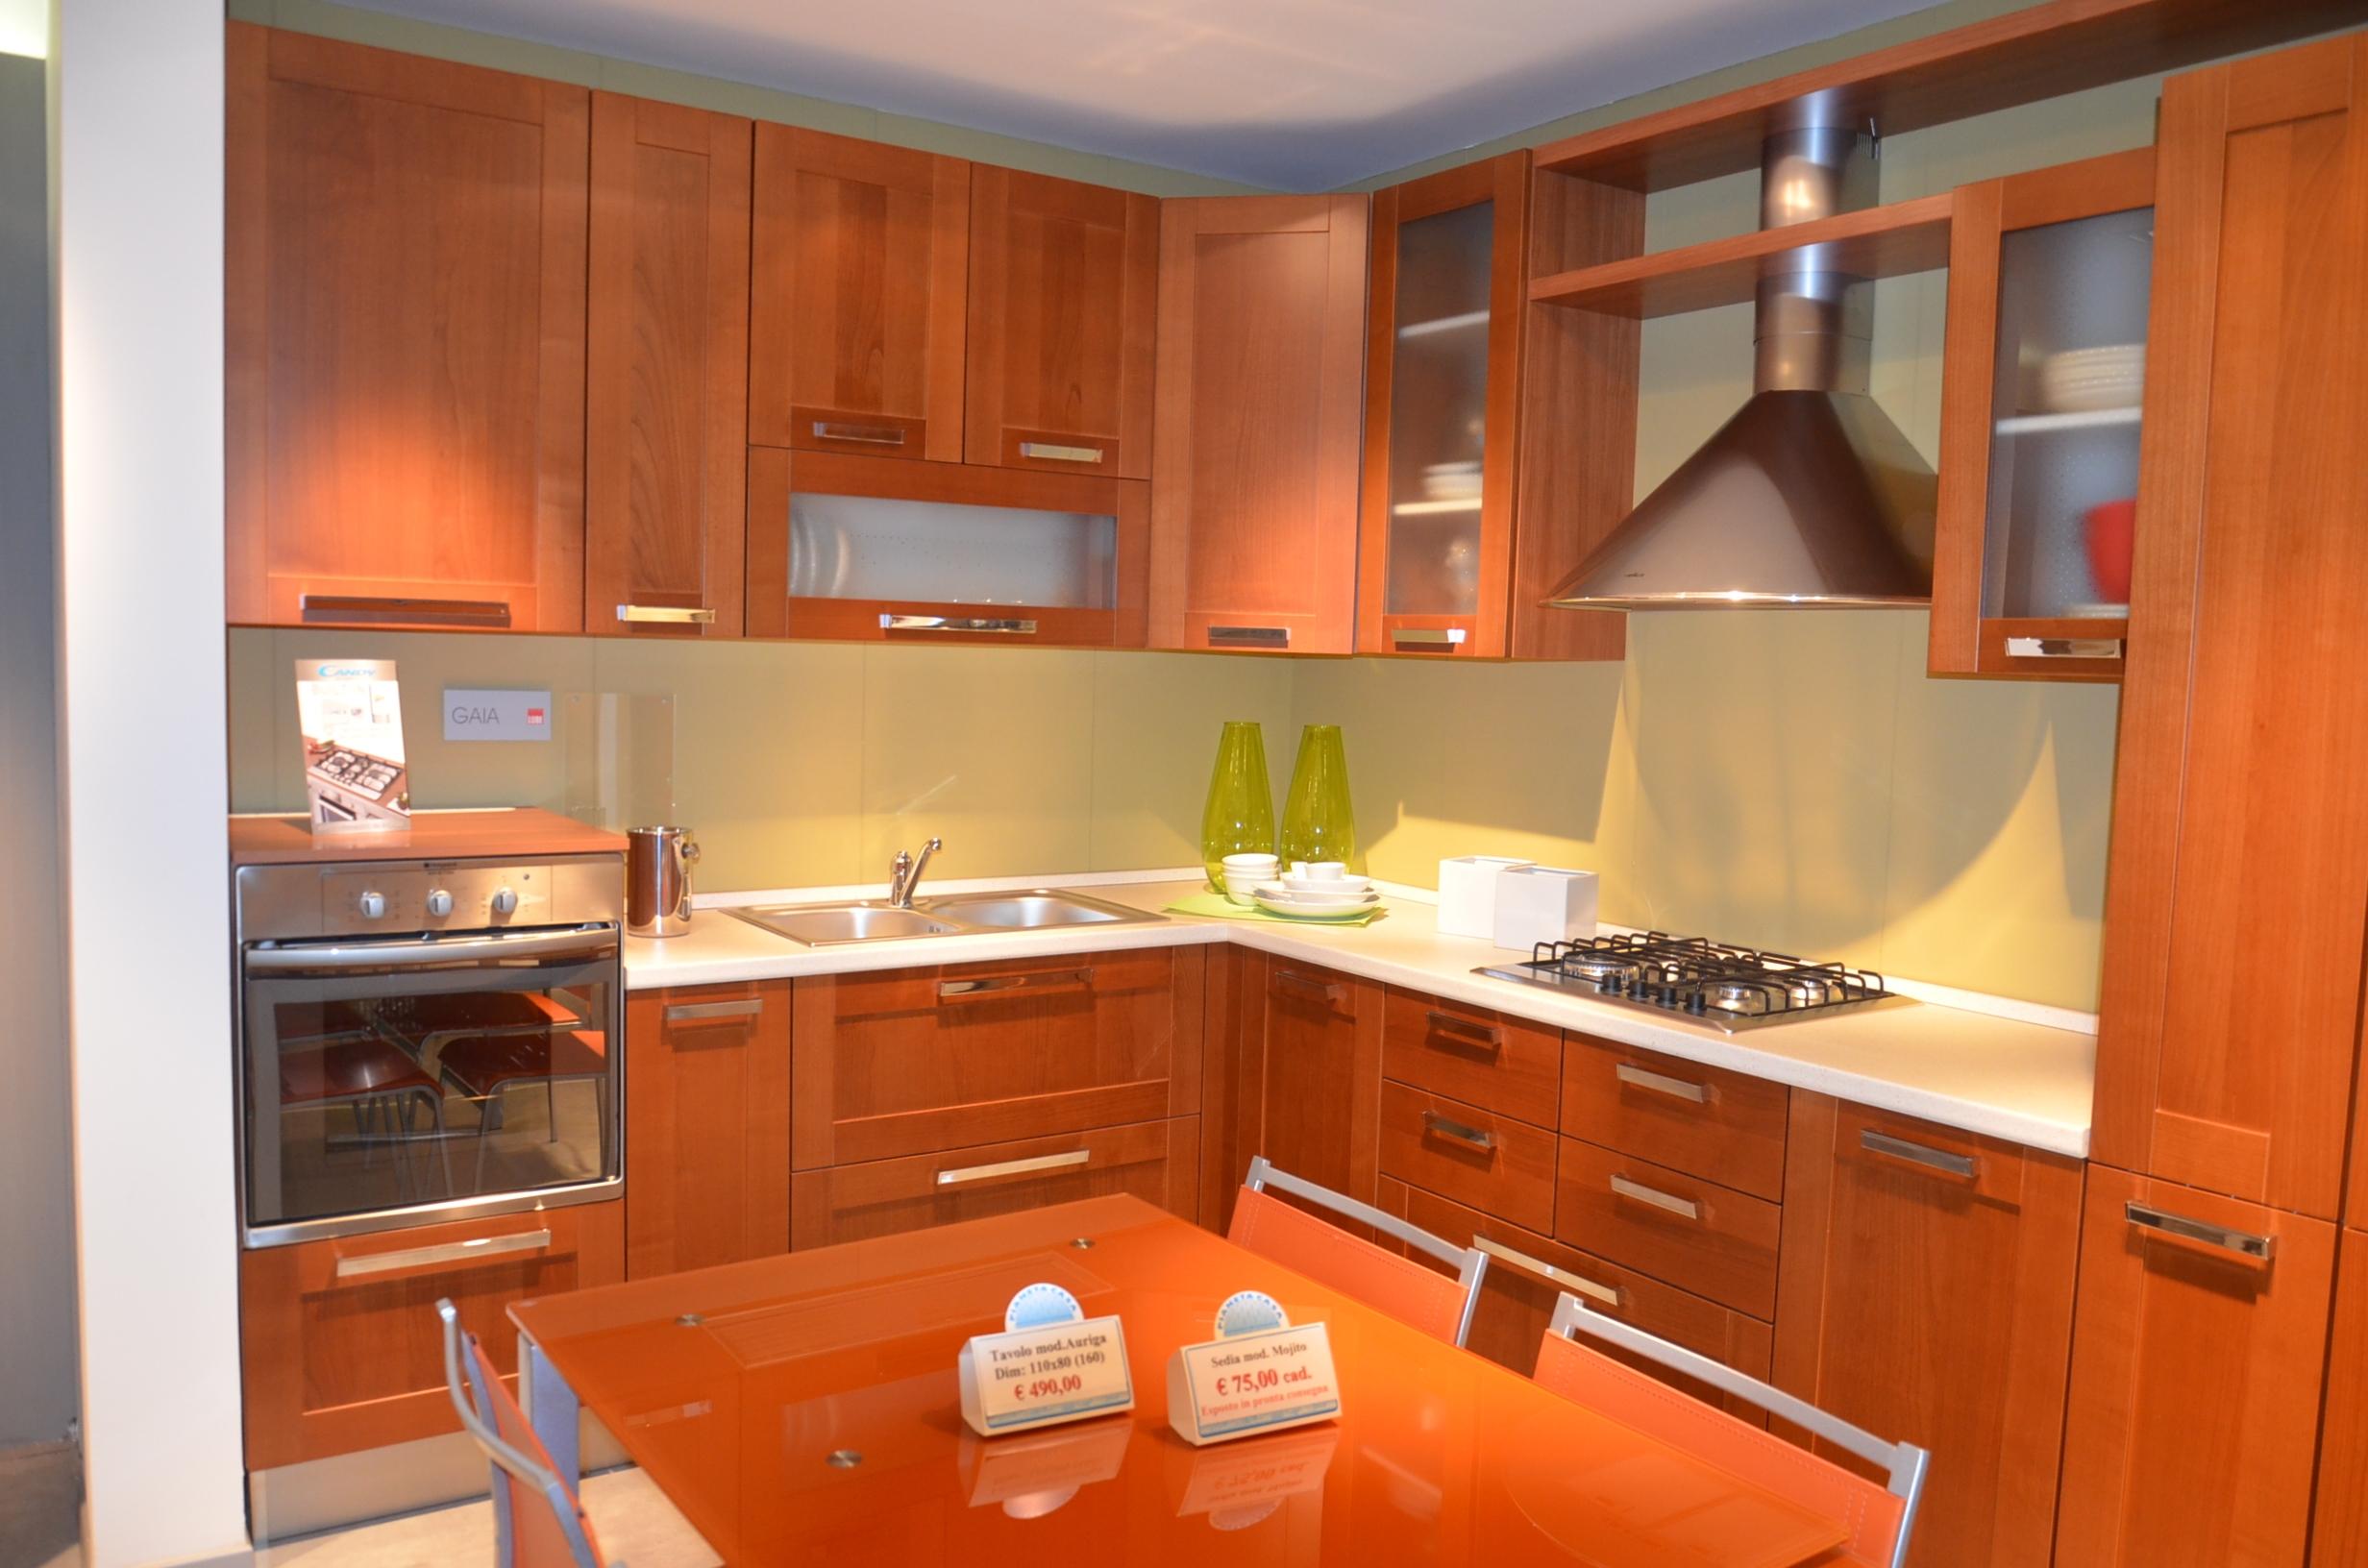 Cucina mobilturi cucine gaia scontato del cucine a cucina